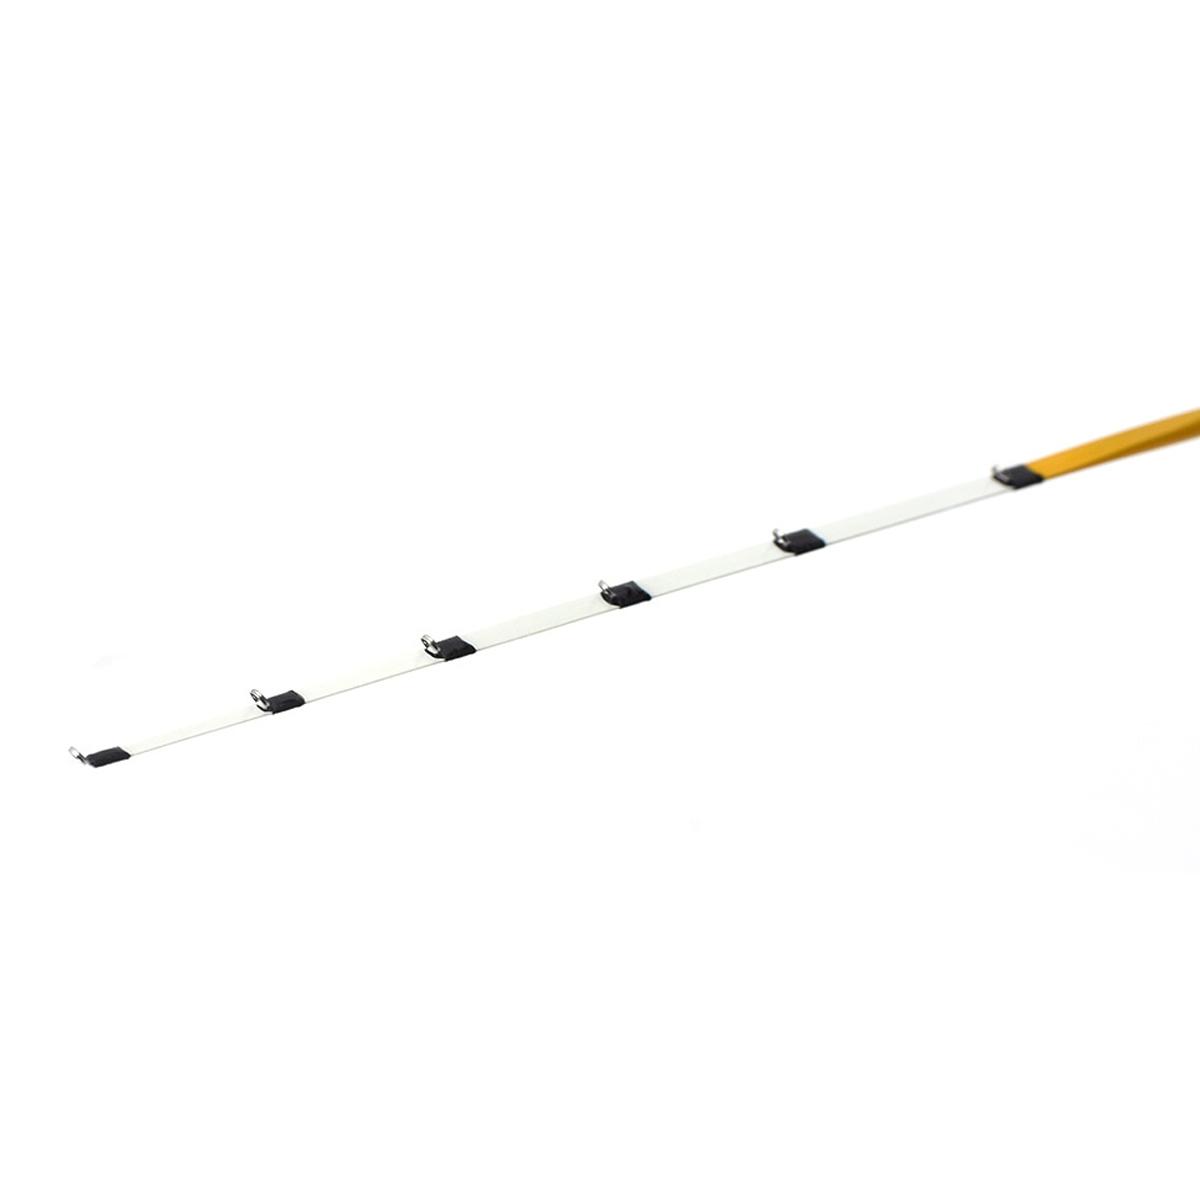 ナチュラルストリーム ワカサギ専用ロッド 55cm FIVESTAR 釣り具